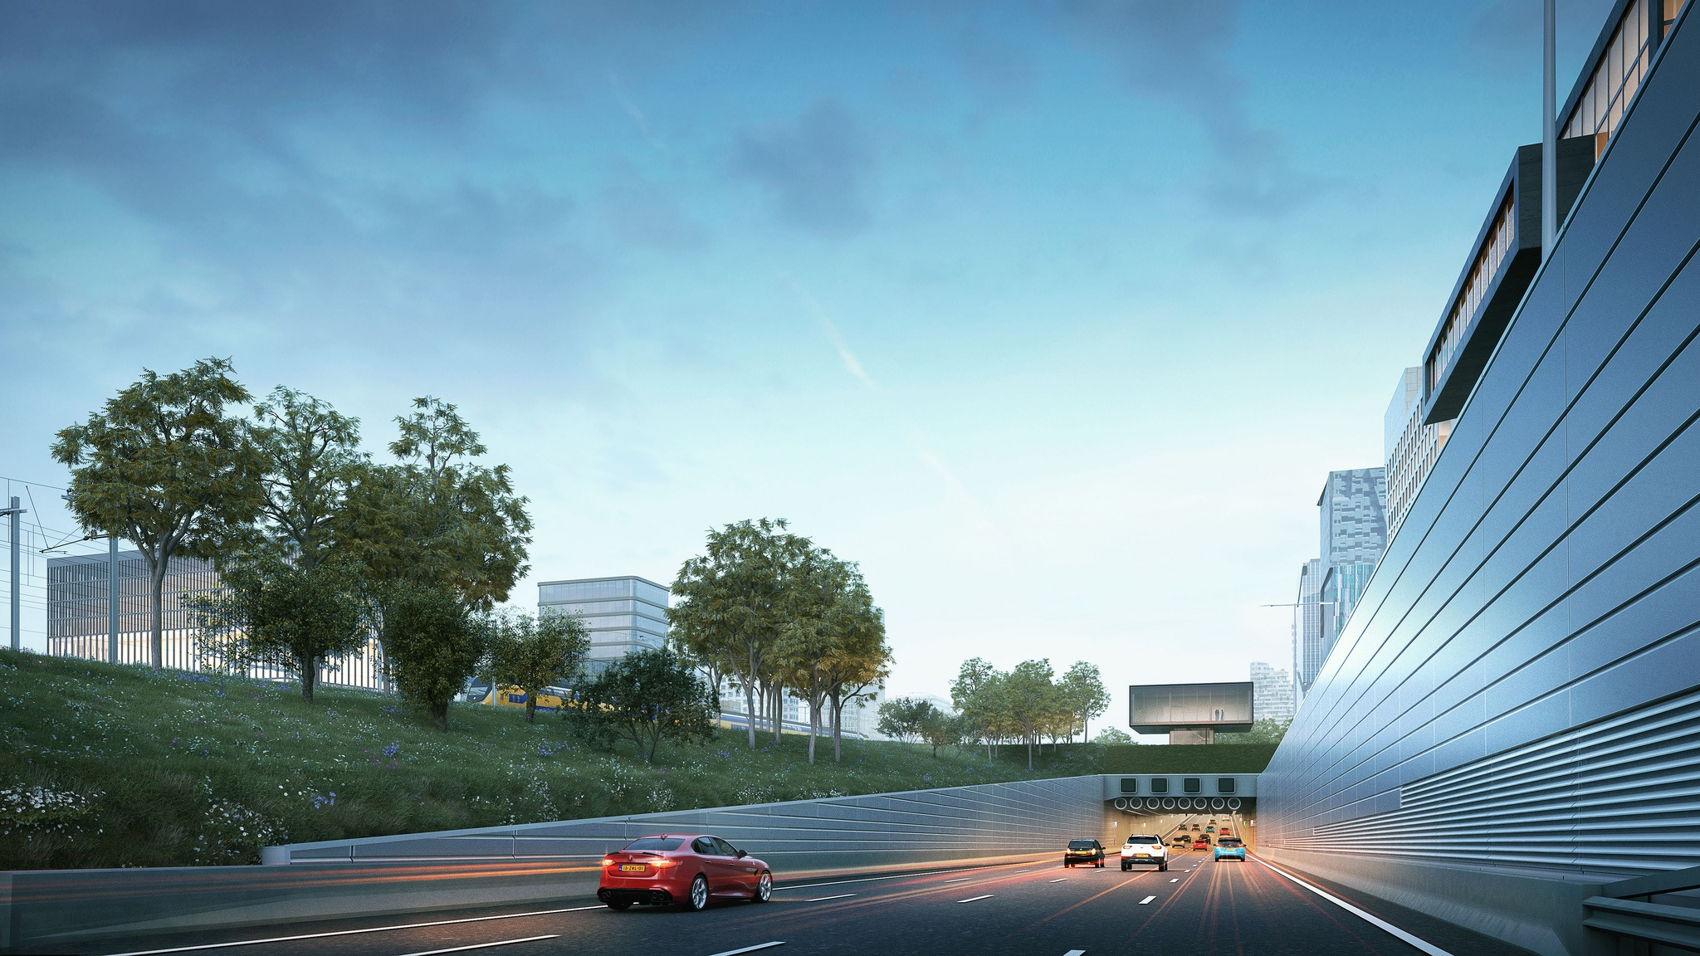 De zuidelijke tunnel bij de A10 in de toekomst